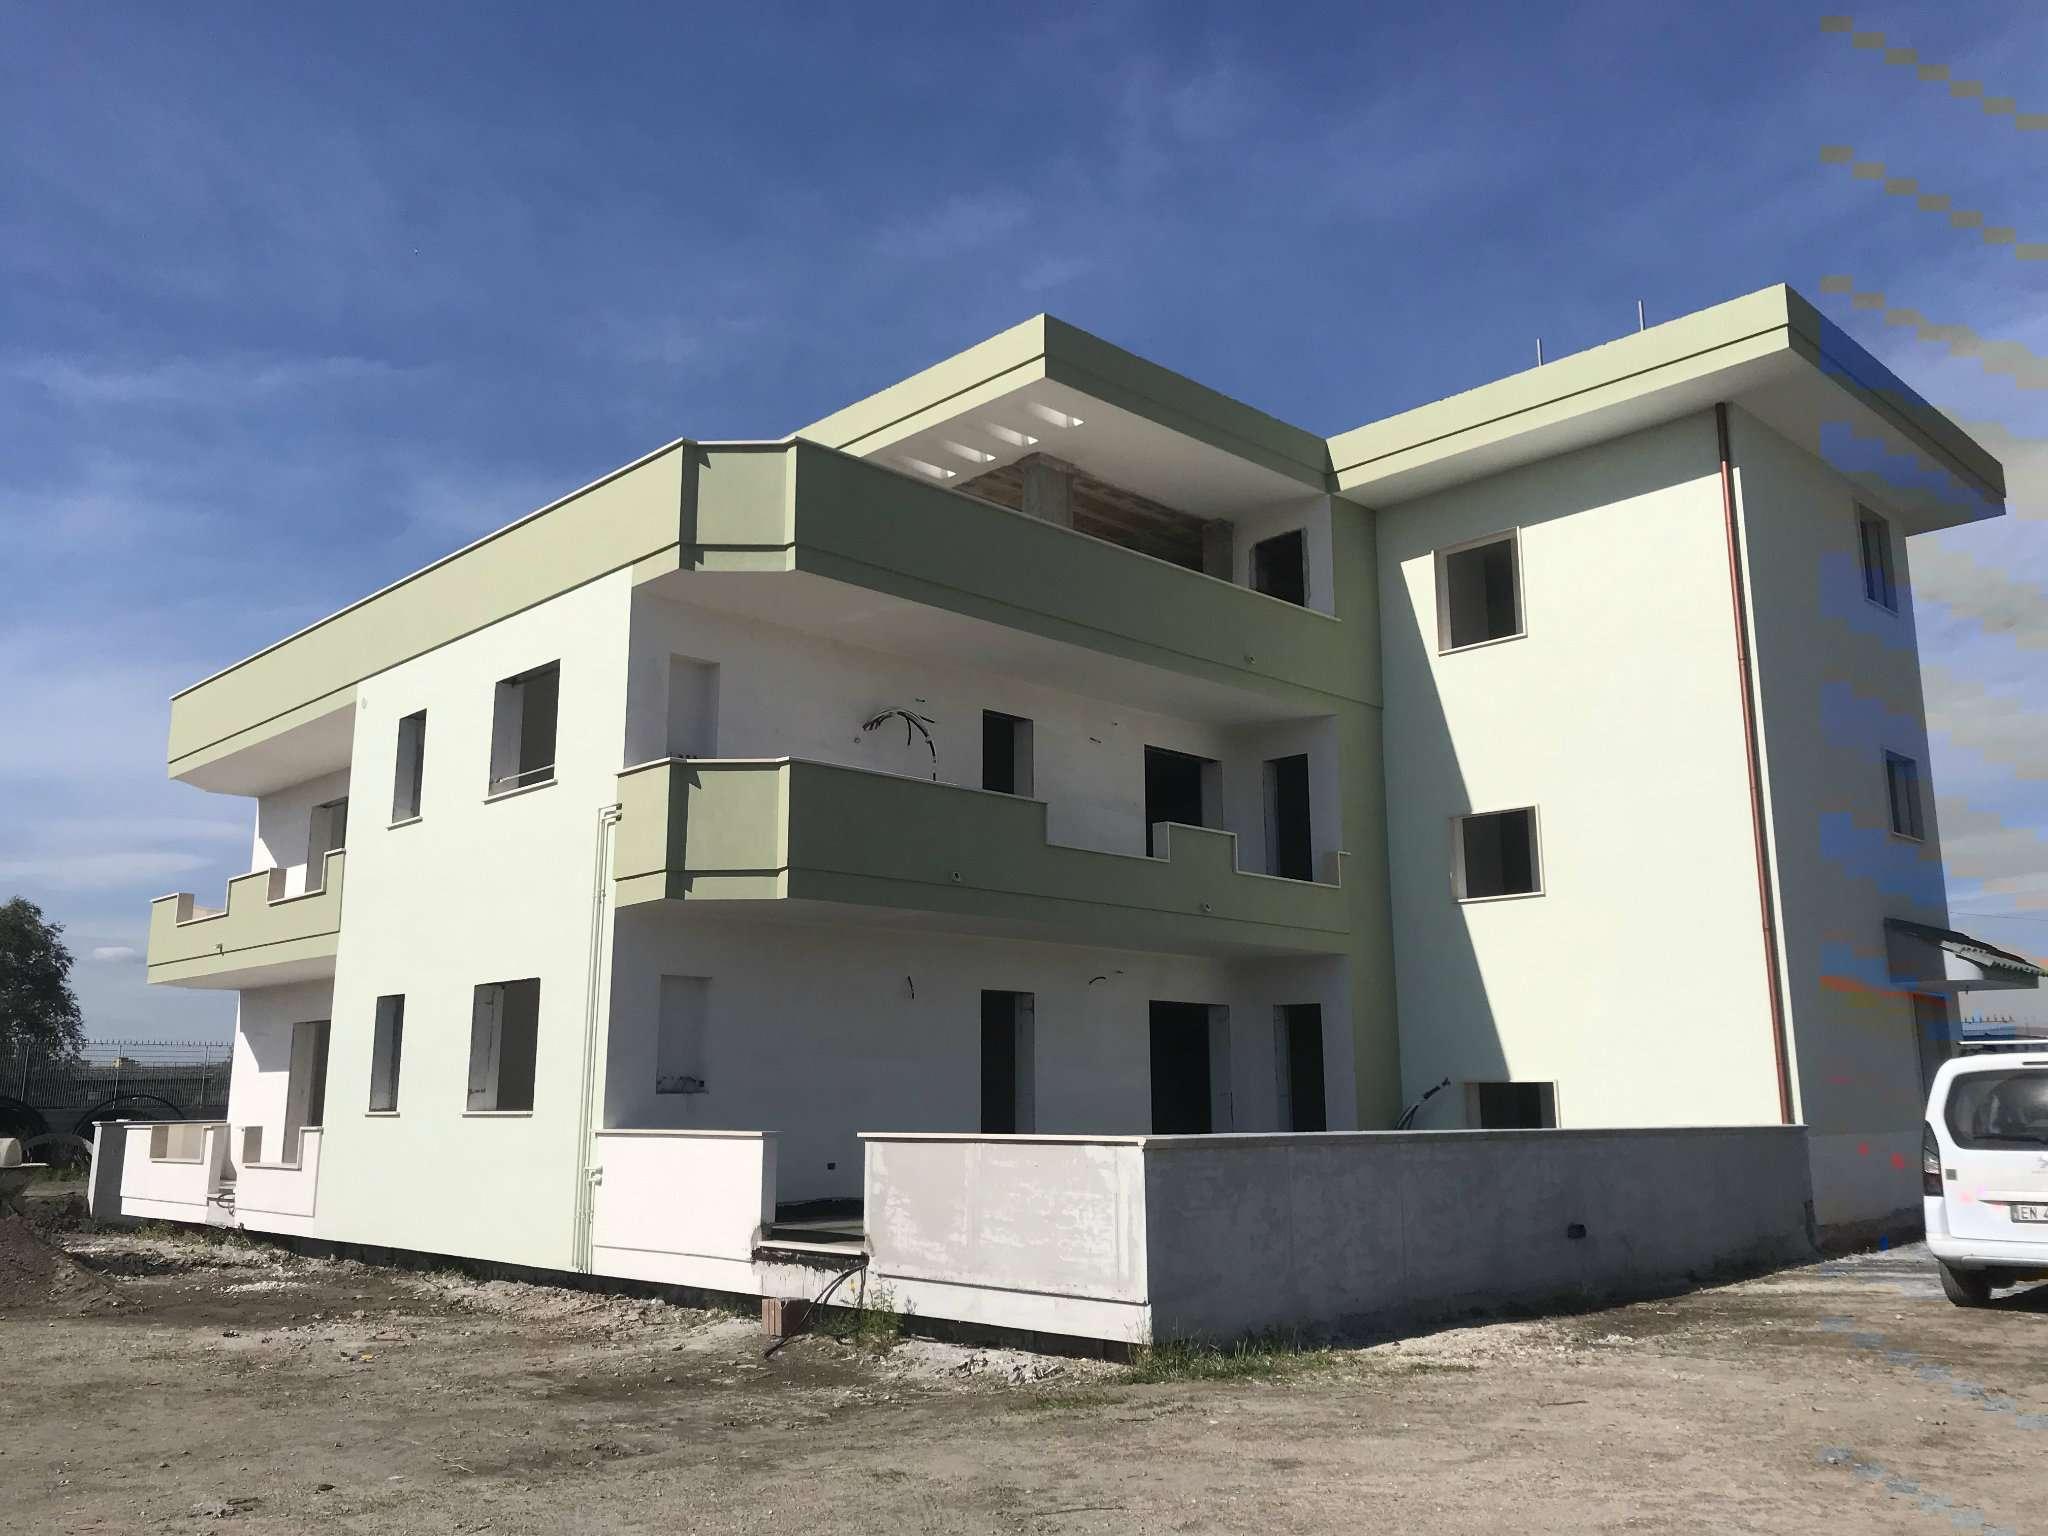 Appartamento in vendita a Volla, 9999 locali, Trattative riservate | PortaleAgenzieImmobiliari.it